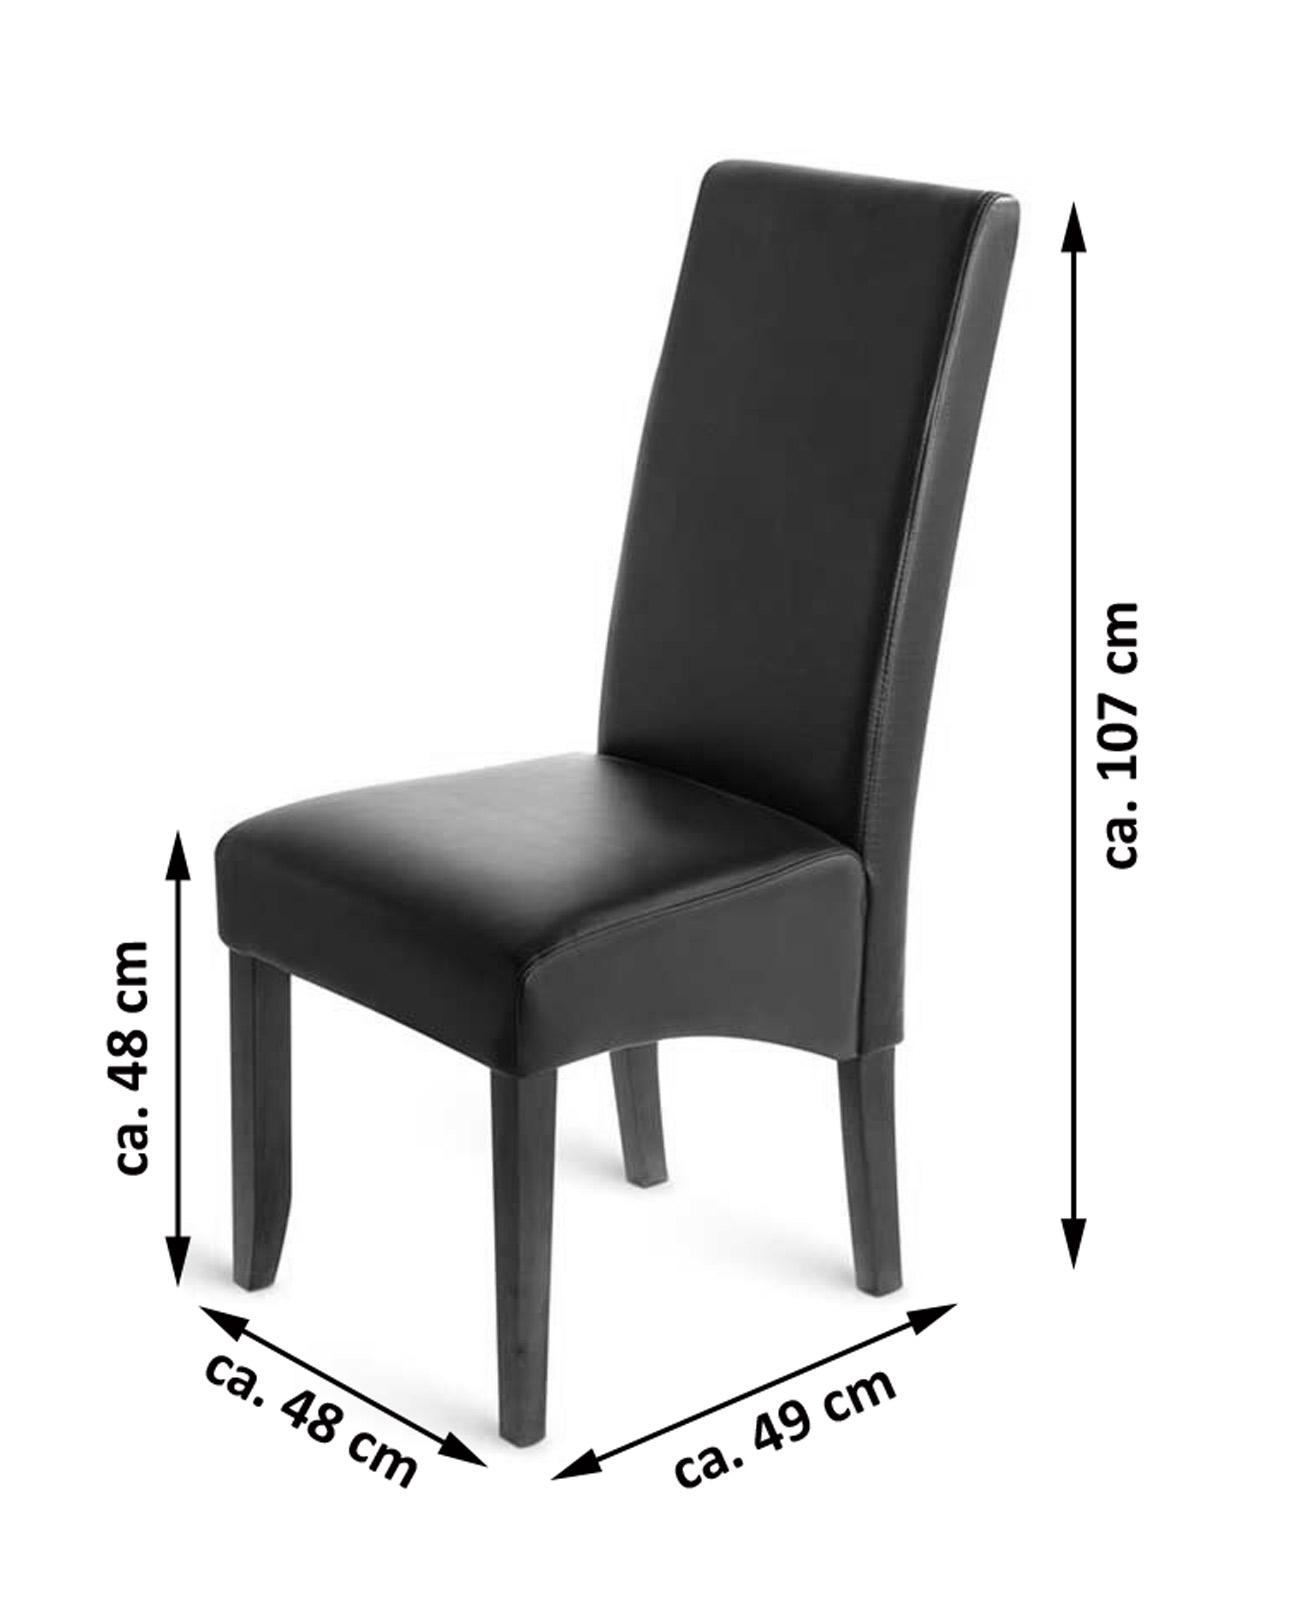 sam esszimmerstuhl stuhl braun recyceltes leder florenz. Black Bedroom Furniture Sets. Home Design Ideas